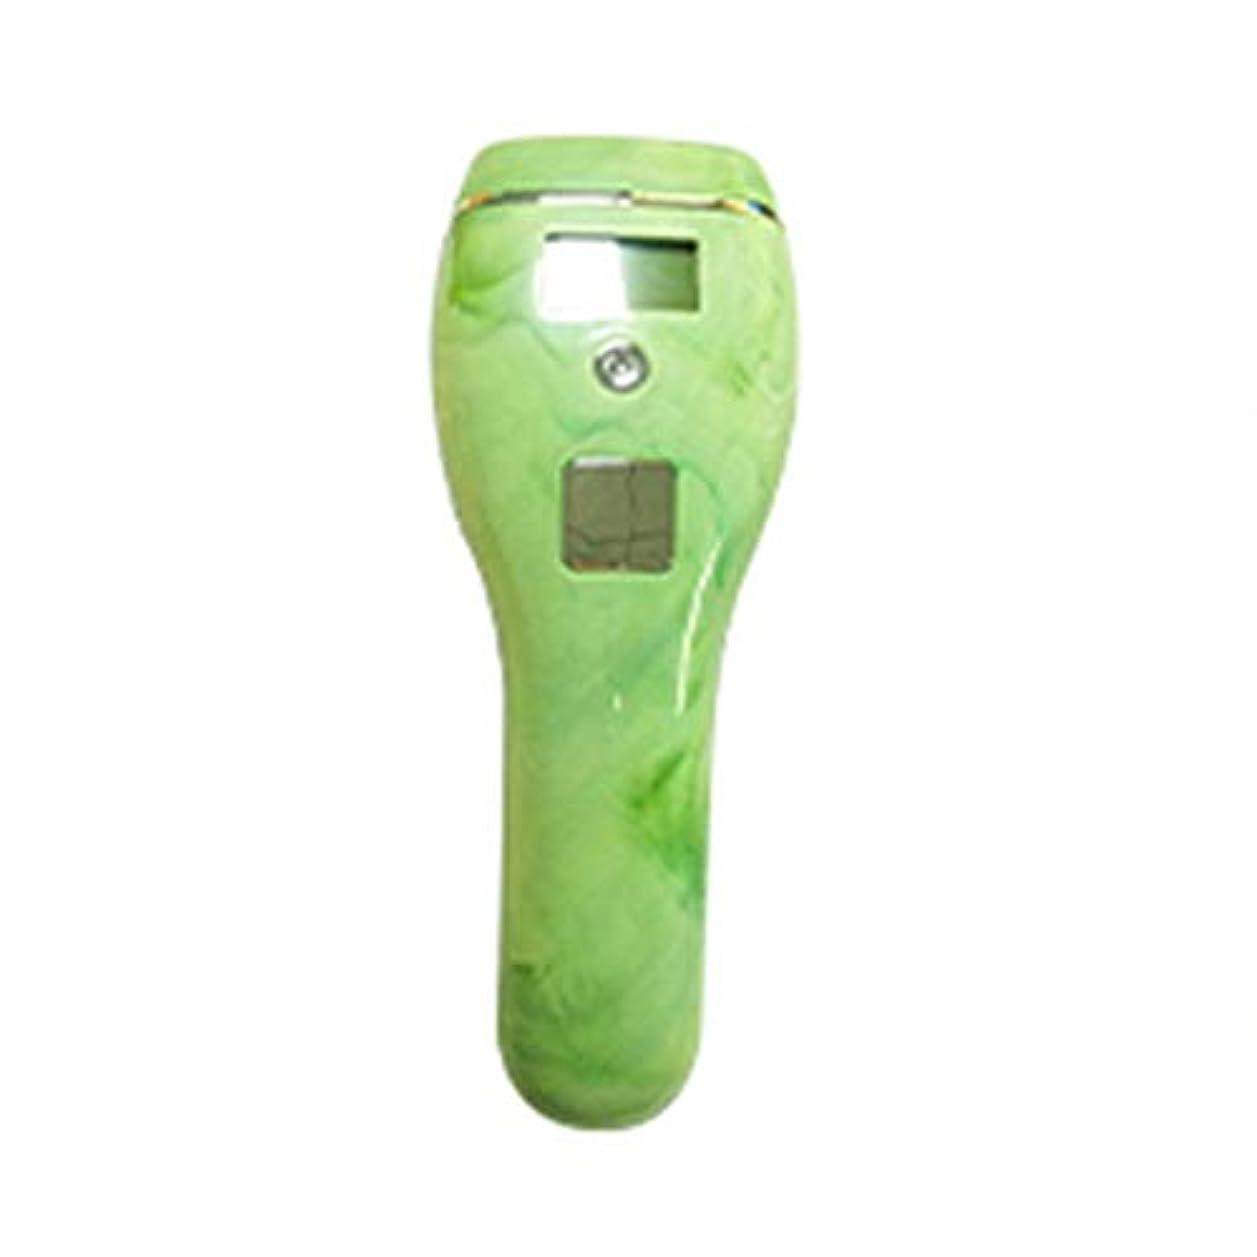 背景登録する憎しみ高男 自動皮膚感知グリーン、5スピード調整、石英管、ポータブル無痛全身凍結脱毛器、サイズ19x7x5cm (Color : Green)